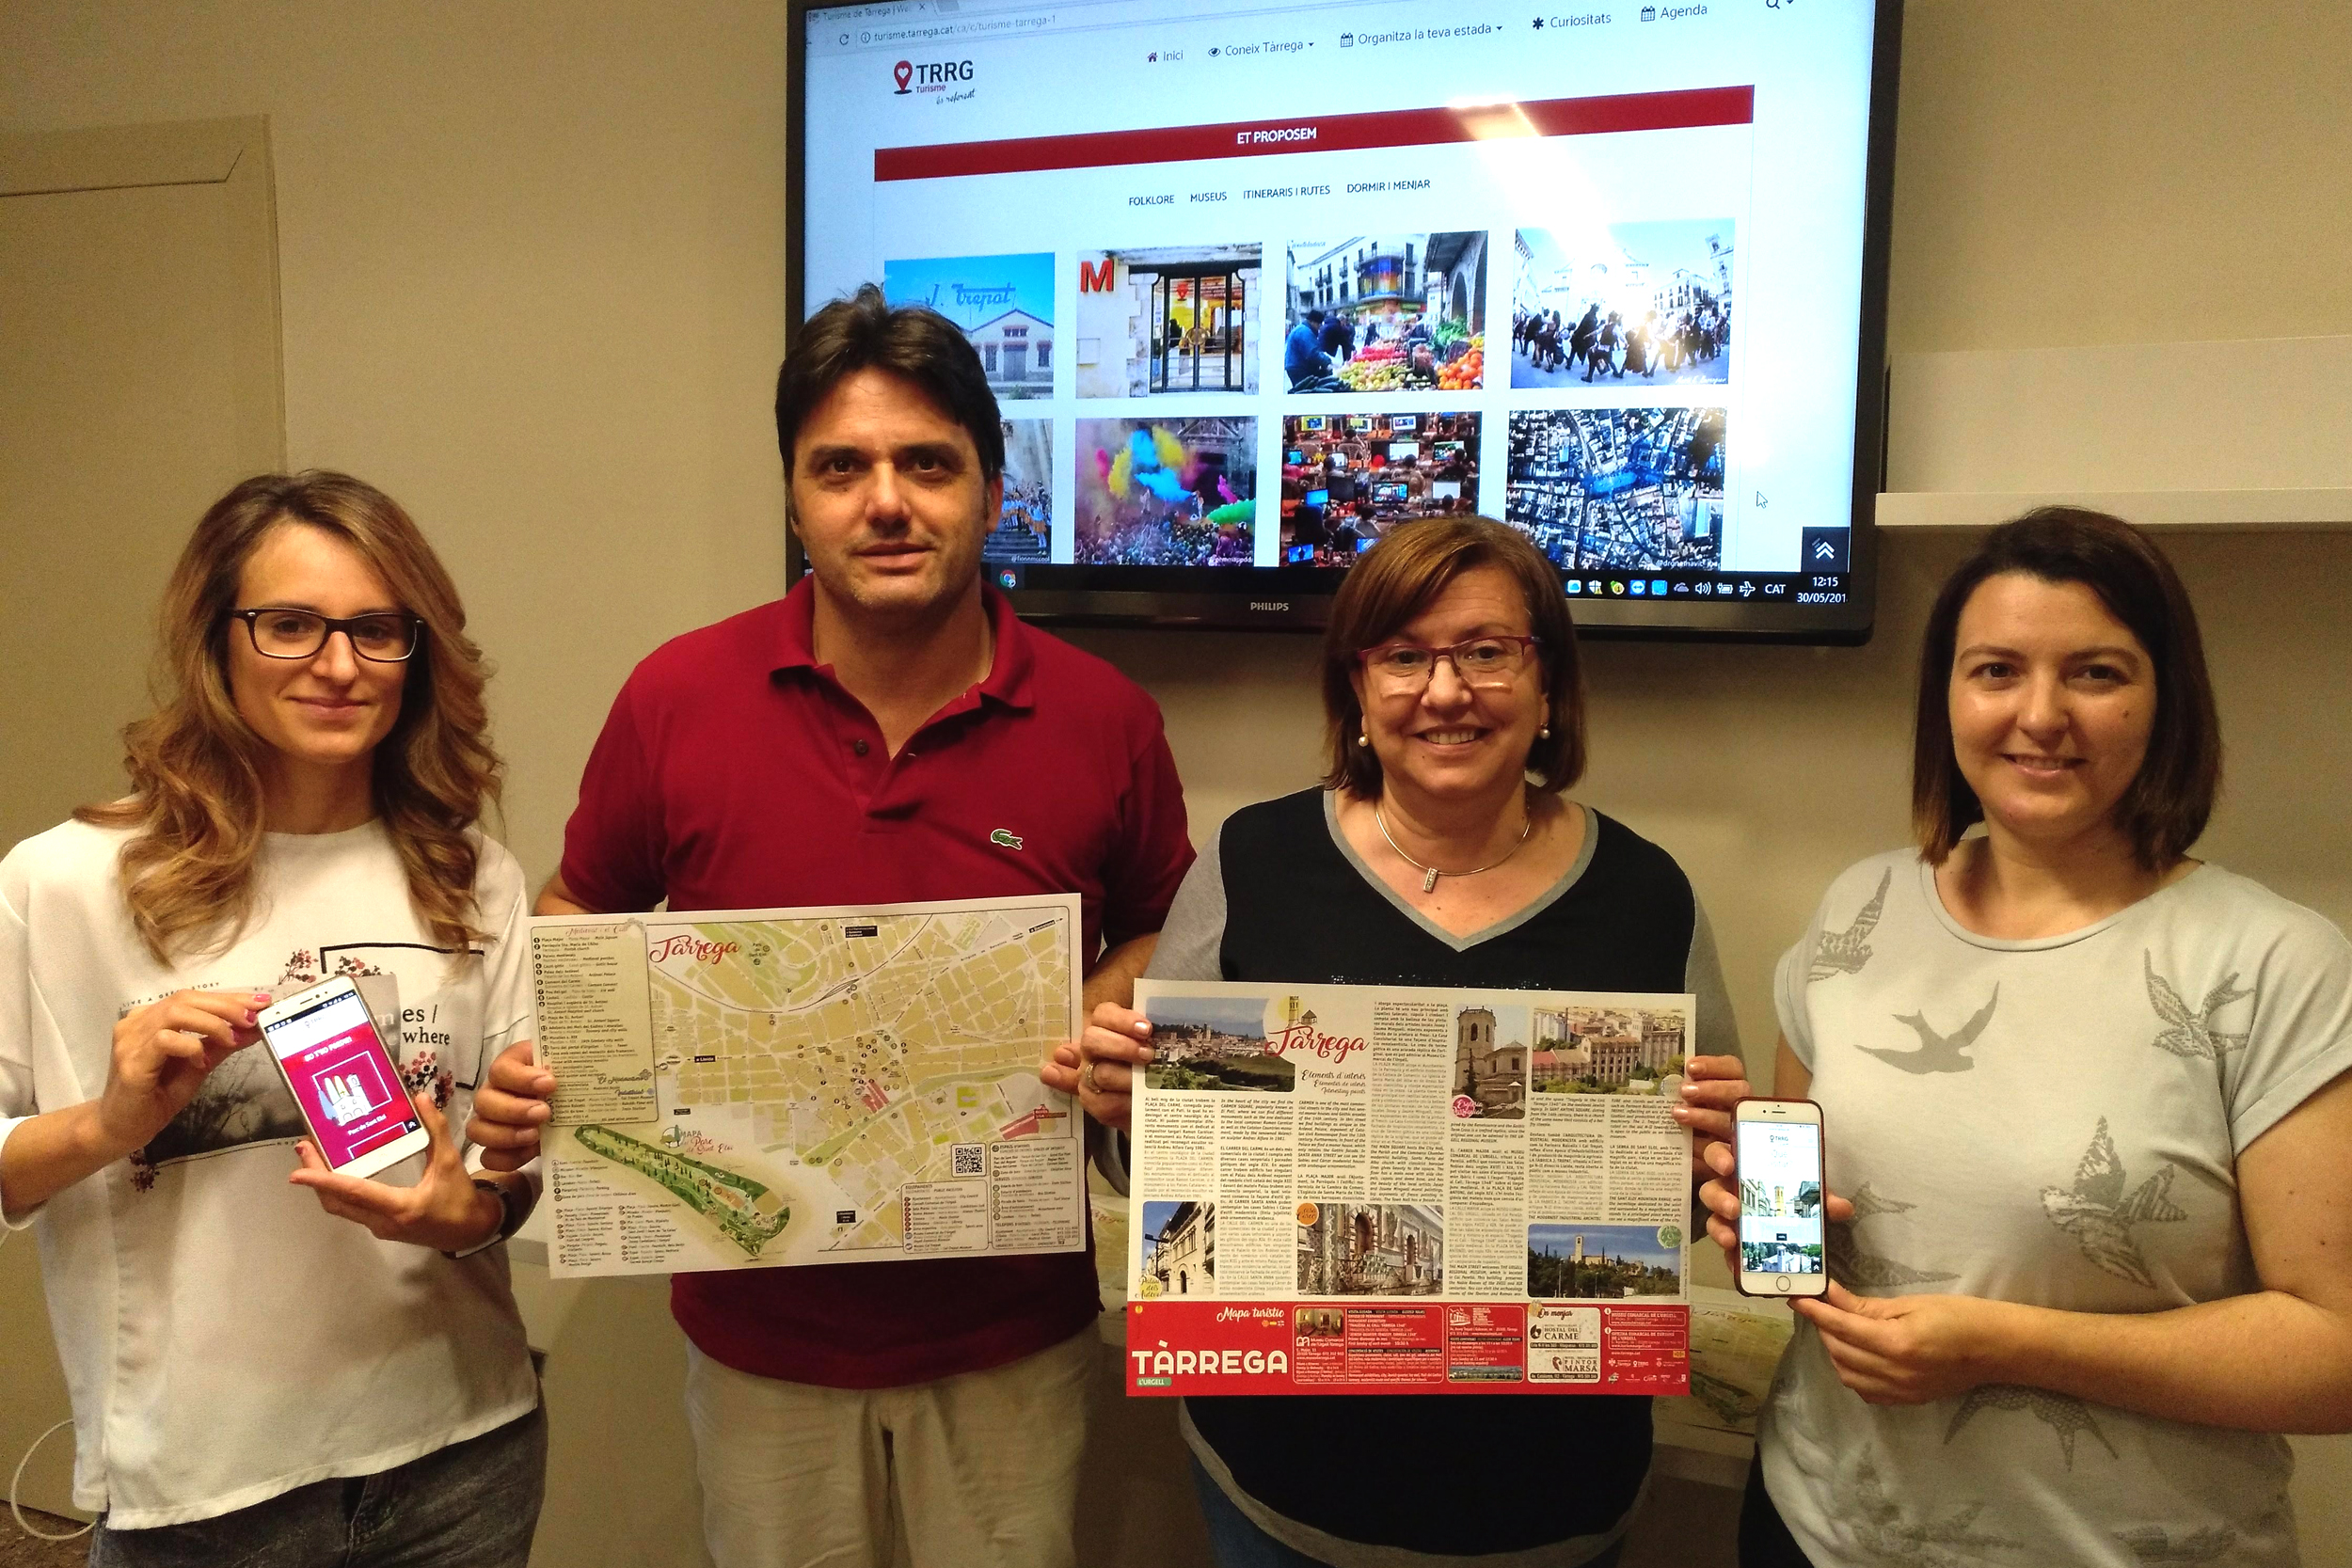 L'Ajuntament de Tàrrega posa en marxa una nova pàgina web que potencia els atractius turístics de la ciutat